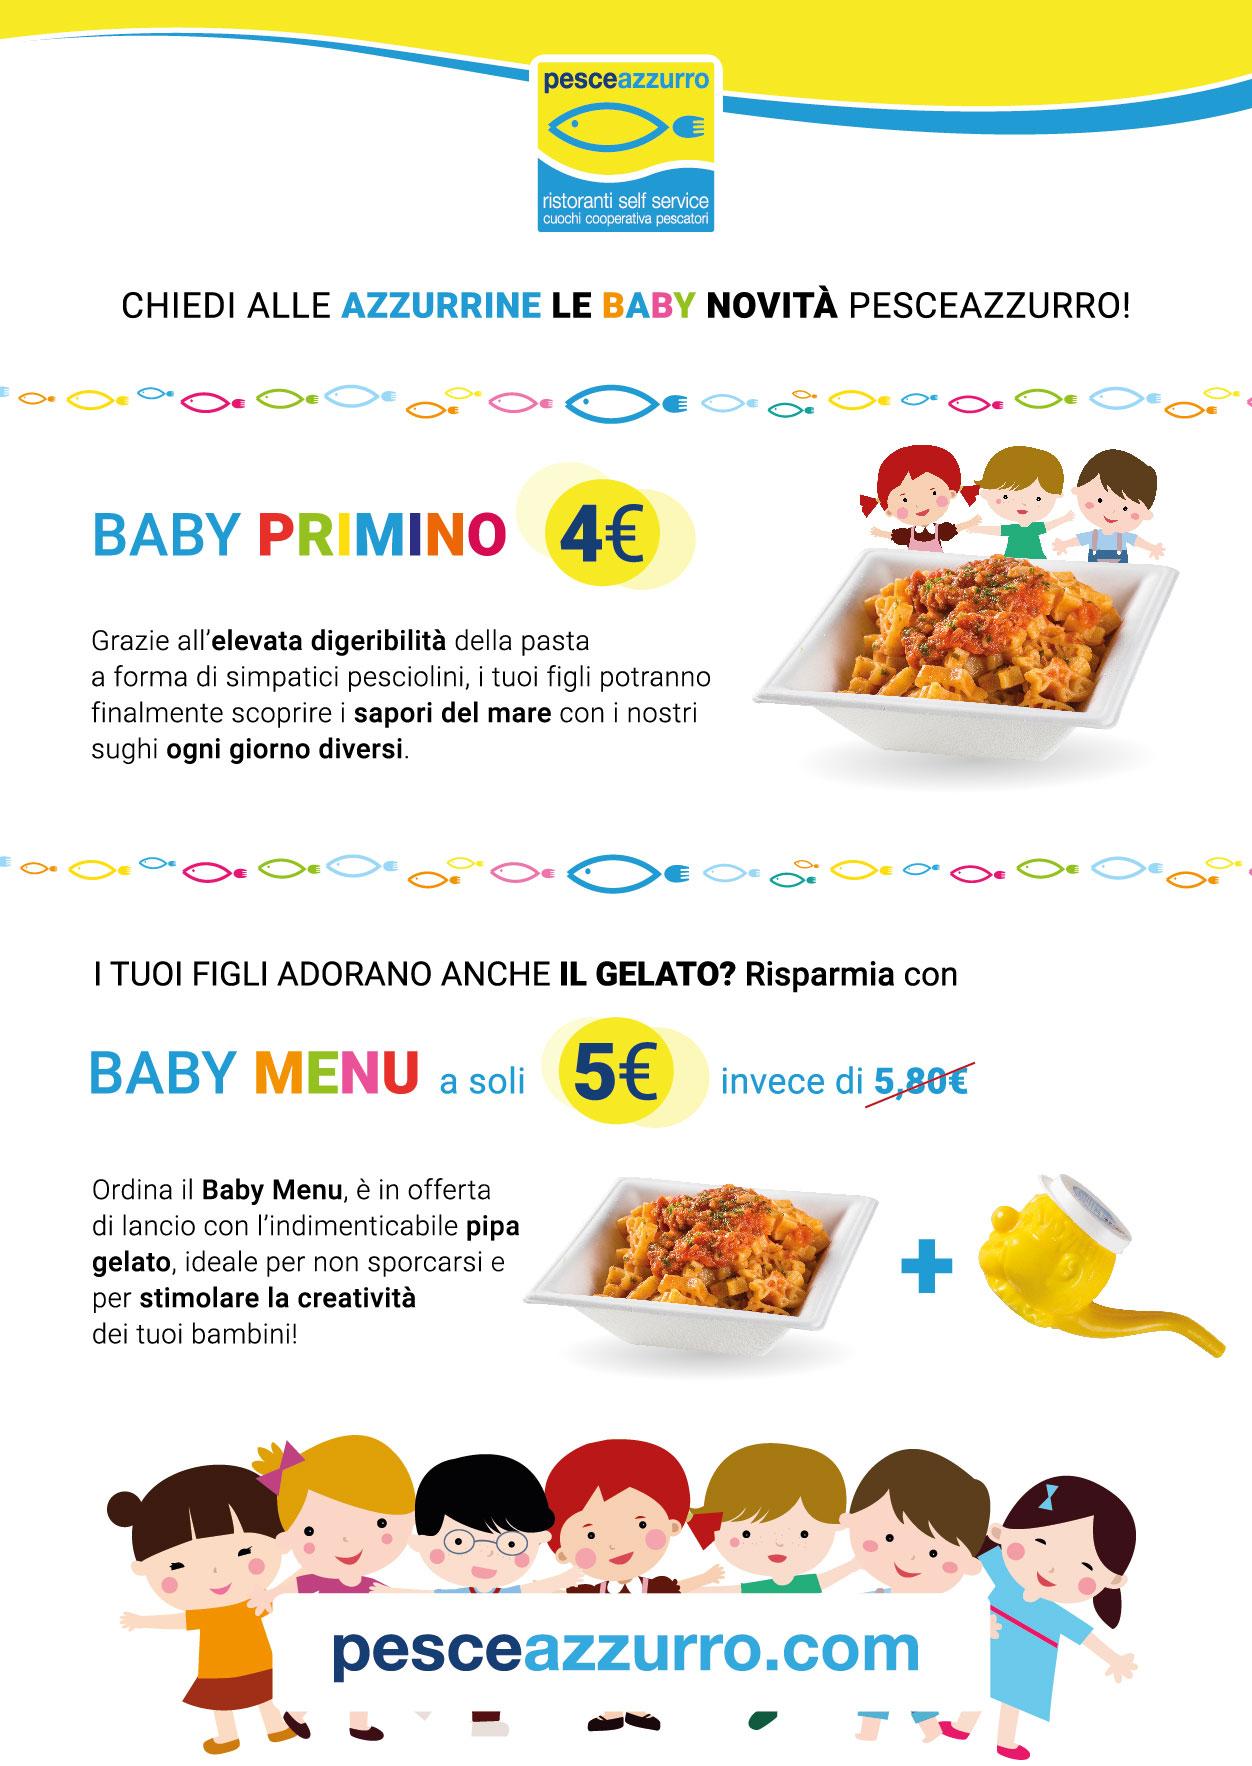 Ristorante PesceAzzurro - Baby Primino e baby menù, il mennù a base di pesce per il tuo bambino